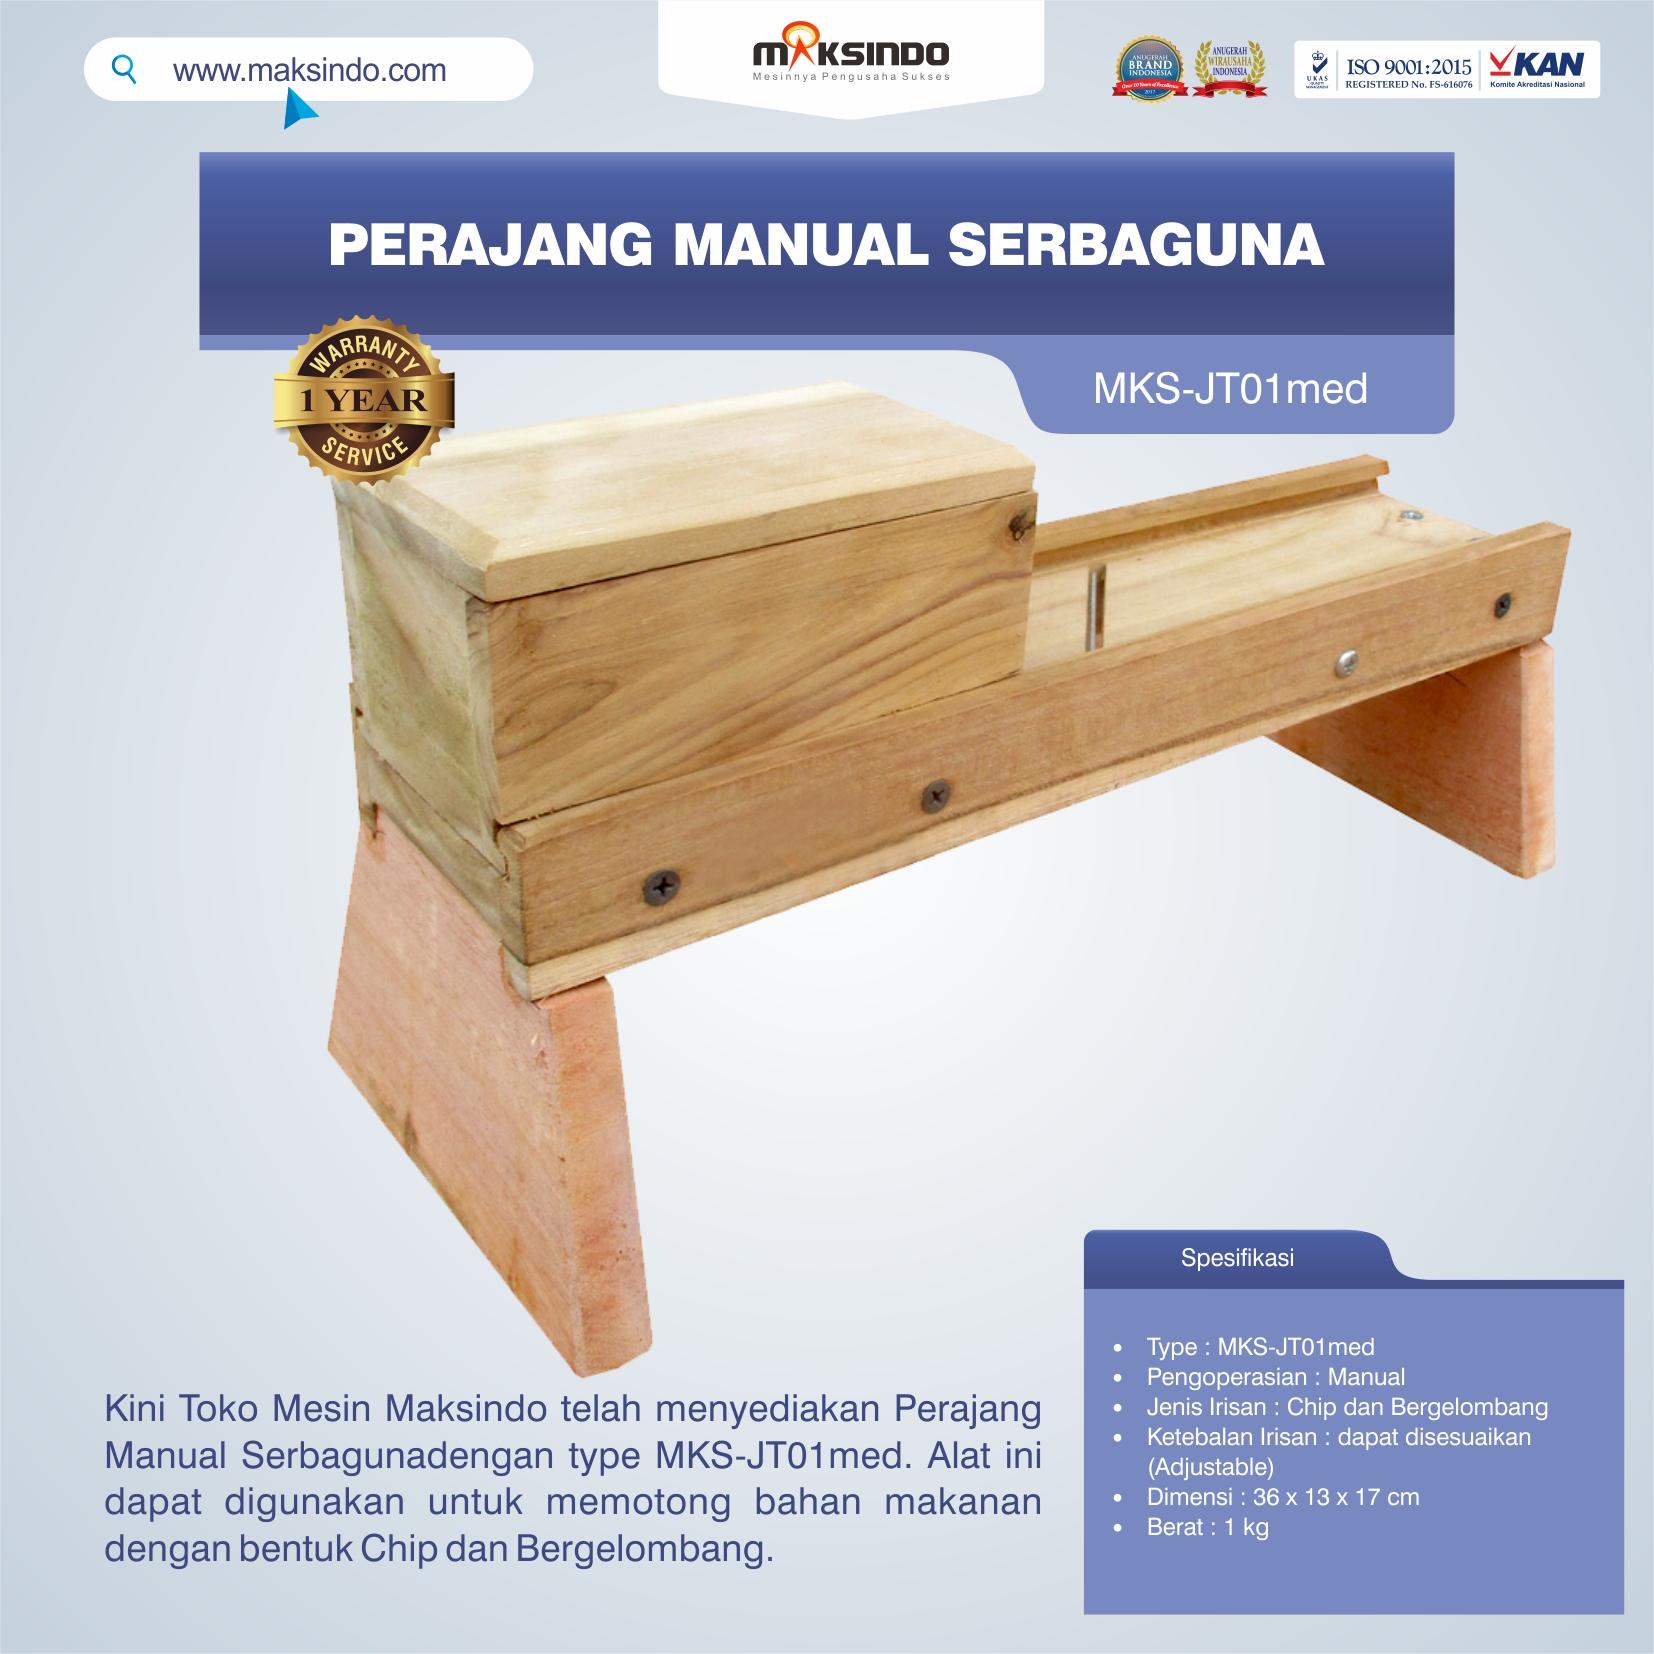 Jual Perajang Manual Serbaguna MKS-JT01med di Bogor